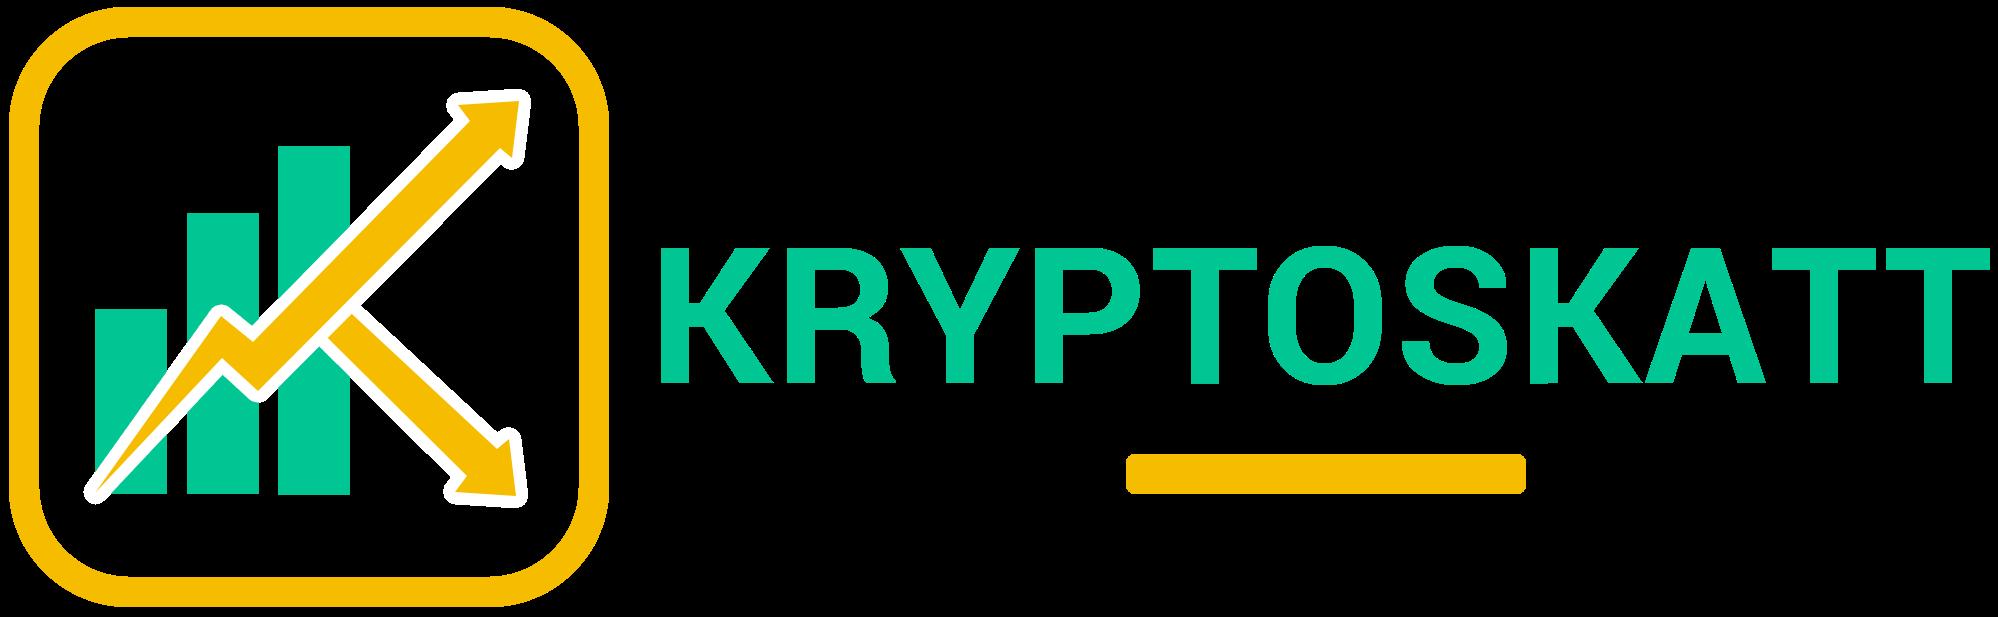 Kryptoskatt Transparent Logo